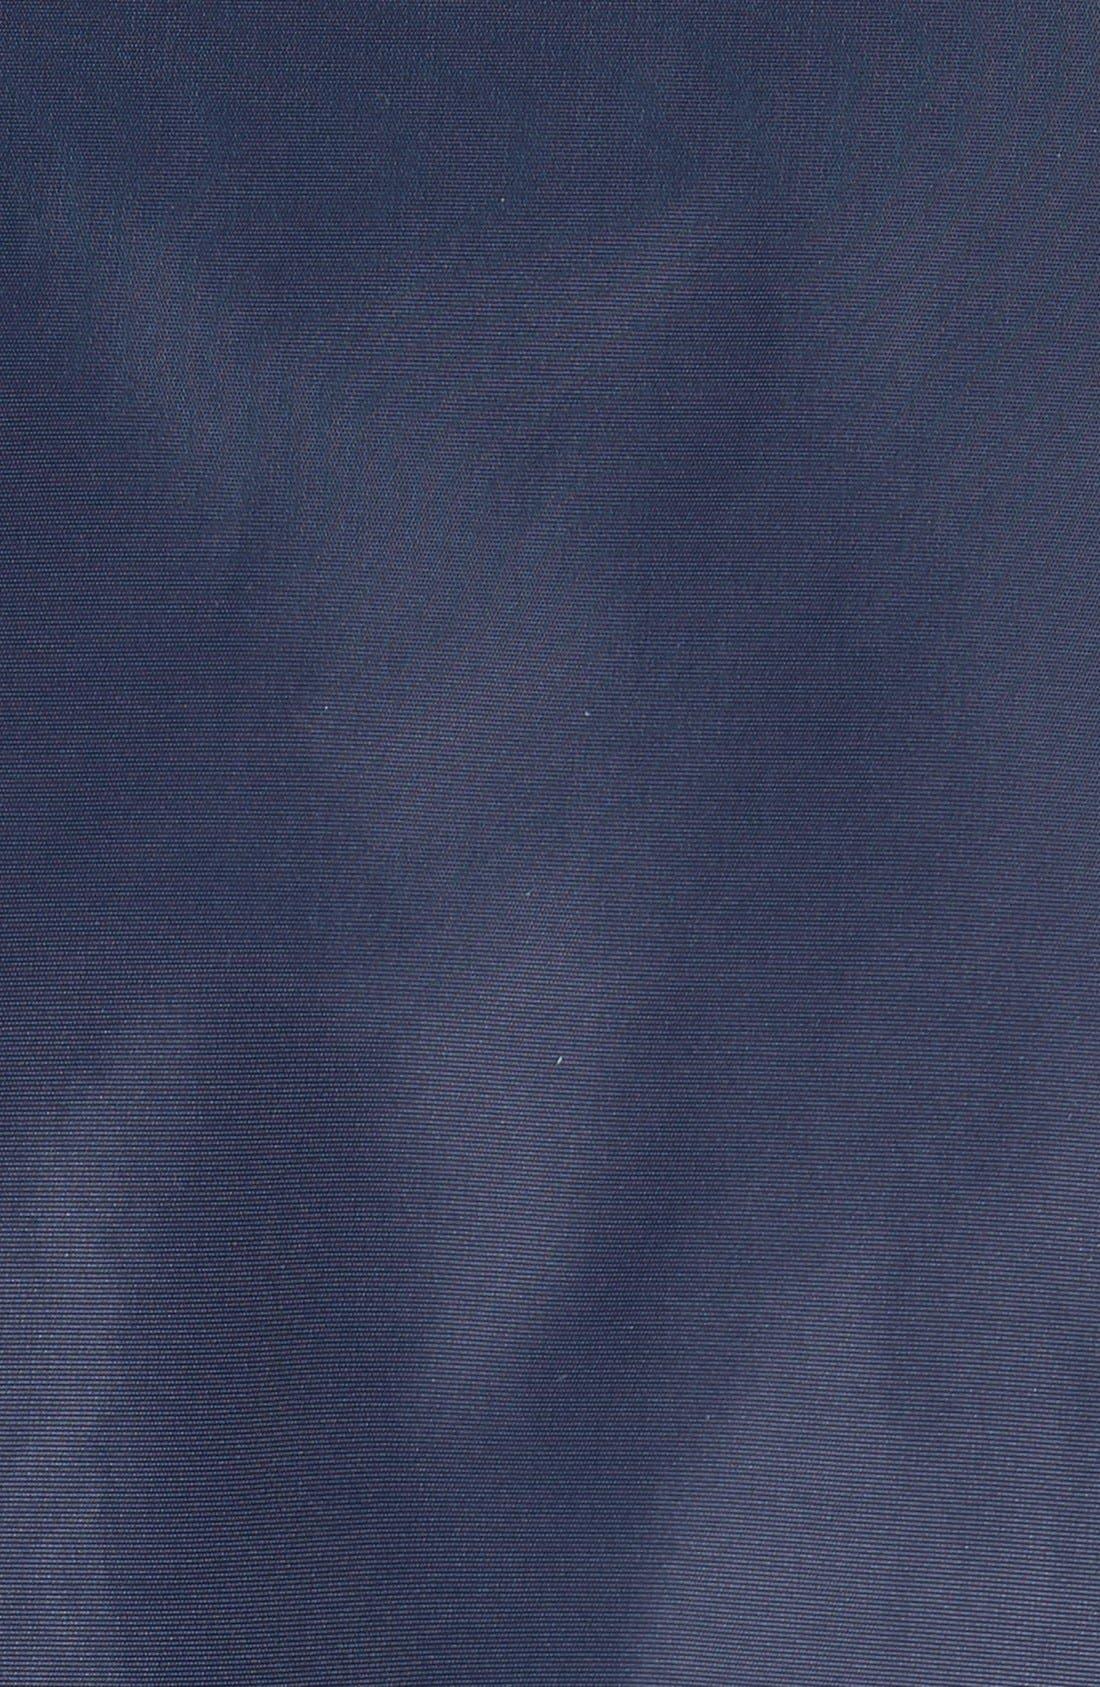 LB-2 Scout Reversible Flight Jacket,                             Alternate thumbnail 4, color,                             Replica Blue